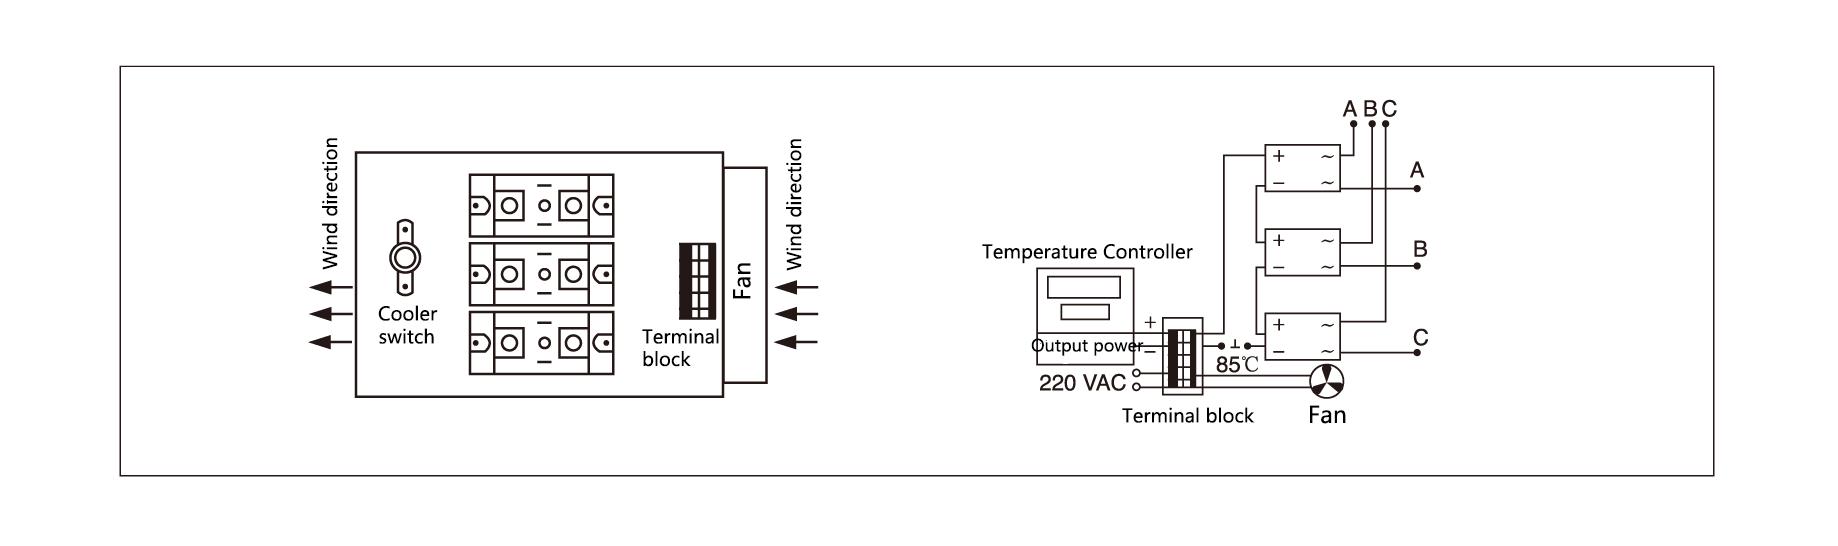 MGR-H3100Z-3 Huimu diagram